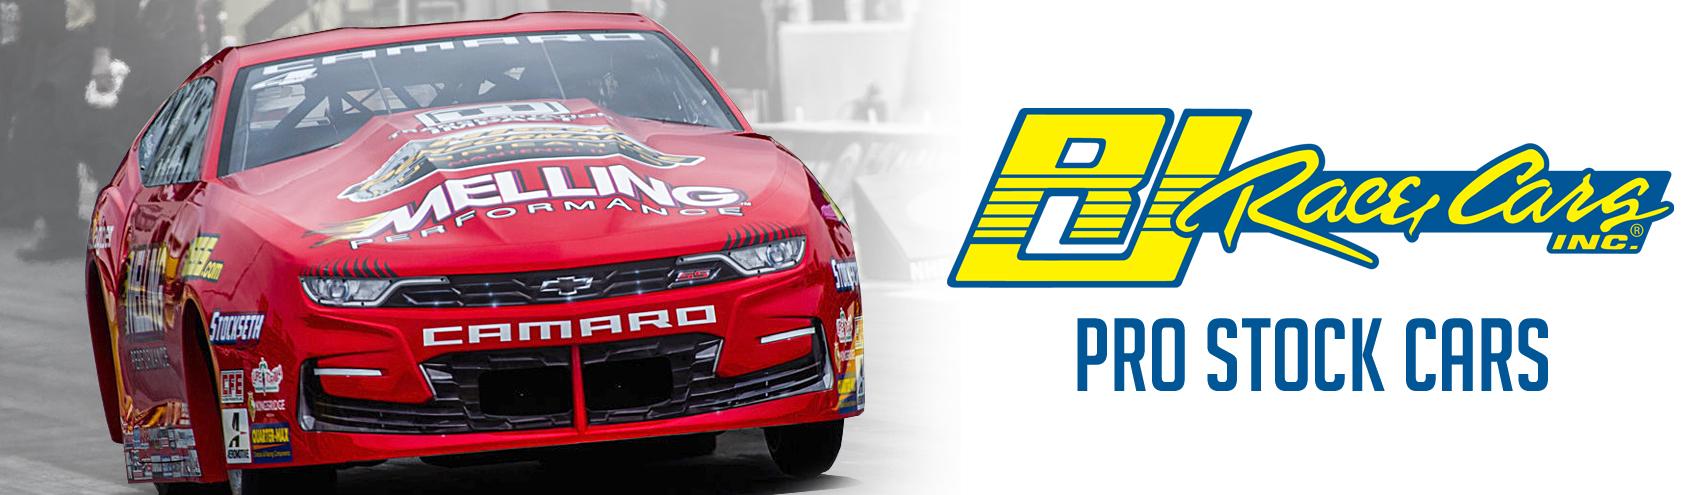 pro-stock-cars-banner.jpg